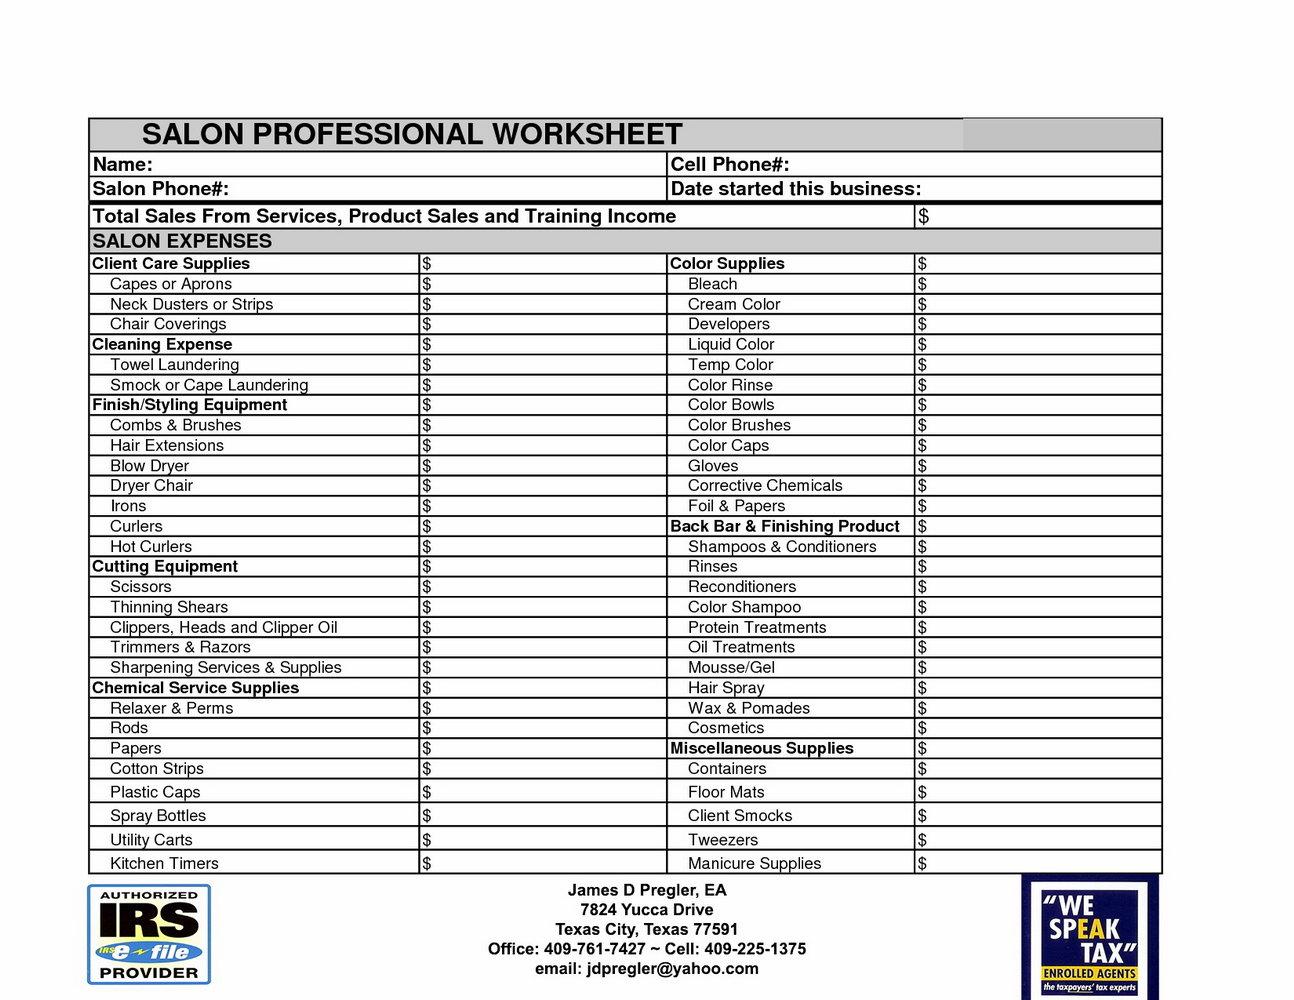 Tax Preparation Interview Worksheet